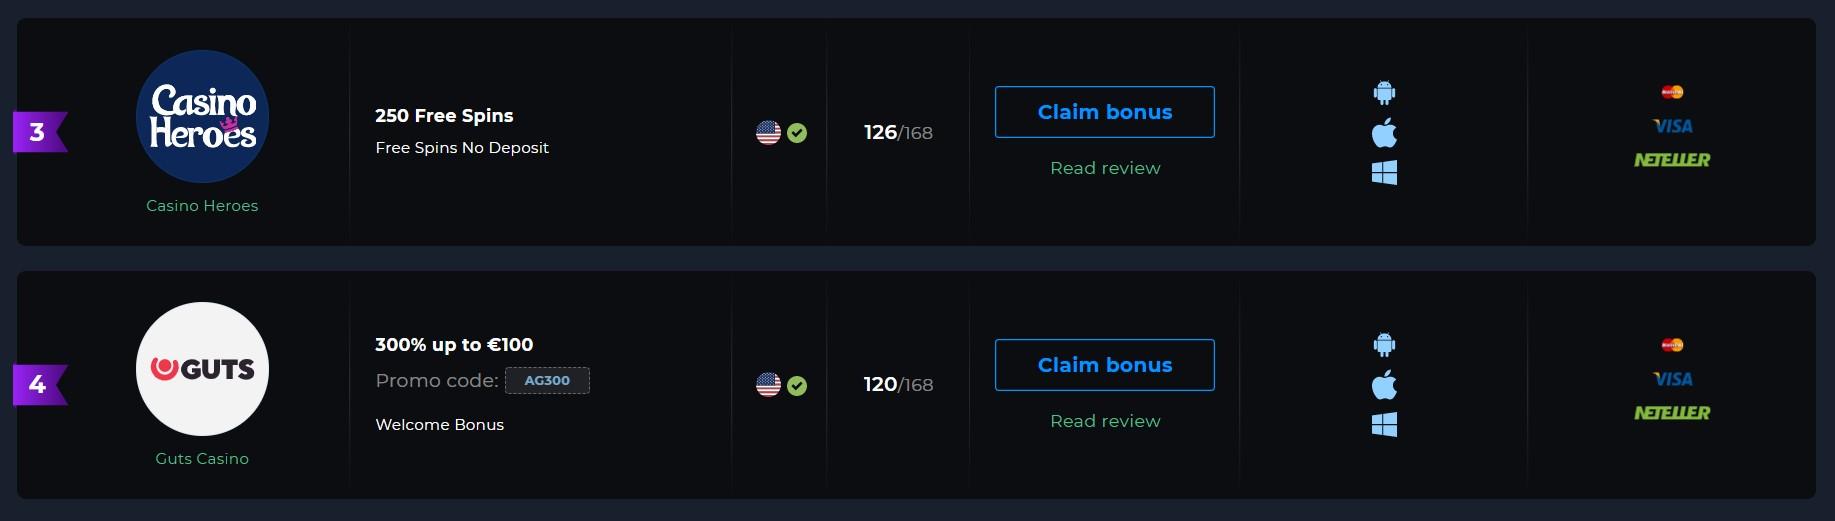 How to Claim 60 Euros Bonus